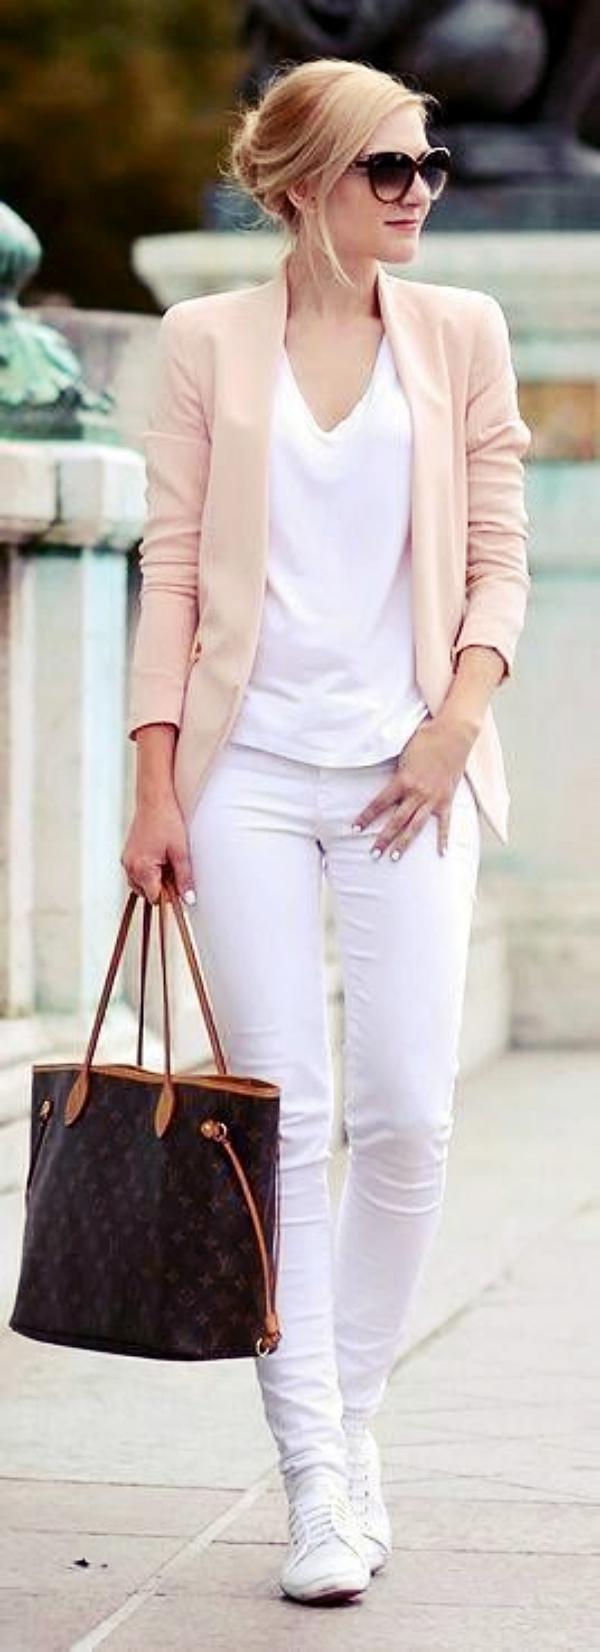 Non-Boring-Casual-Spring-Work-Outfits-ideas